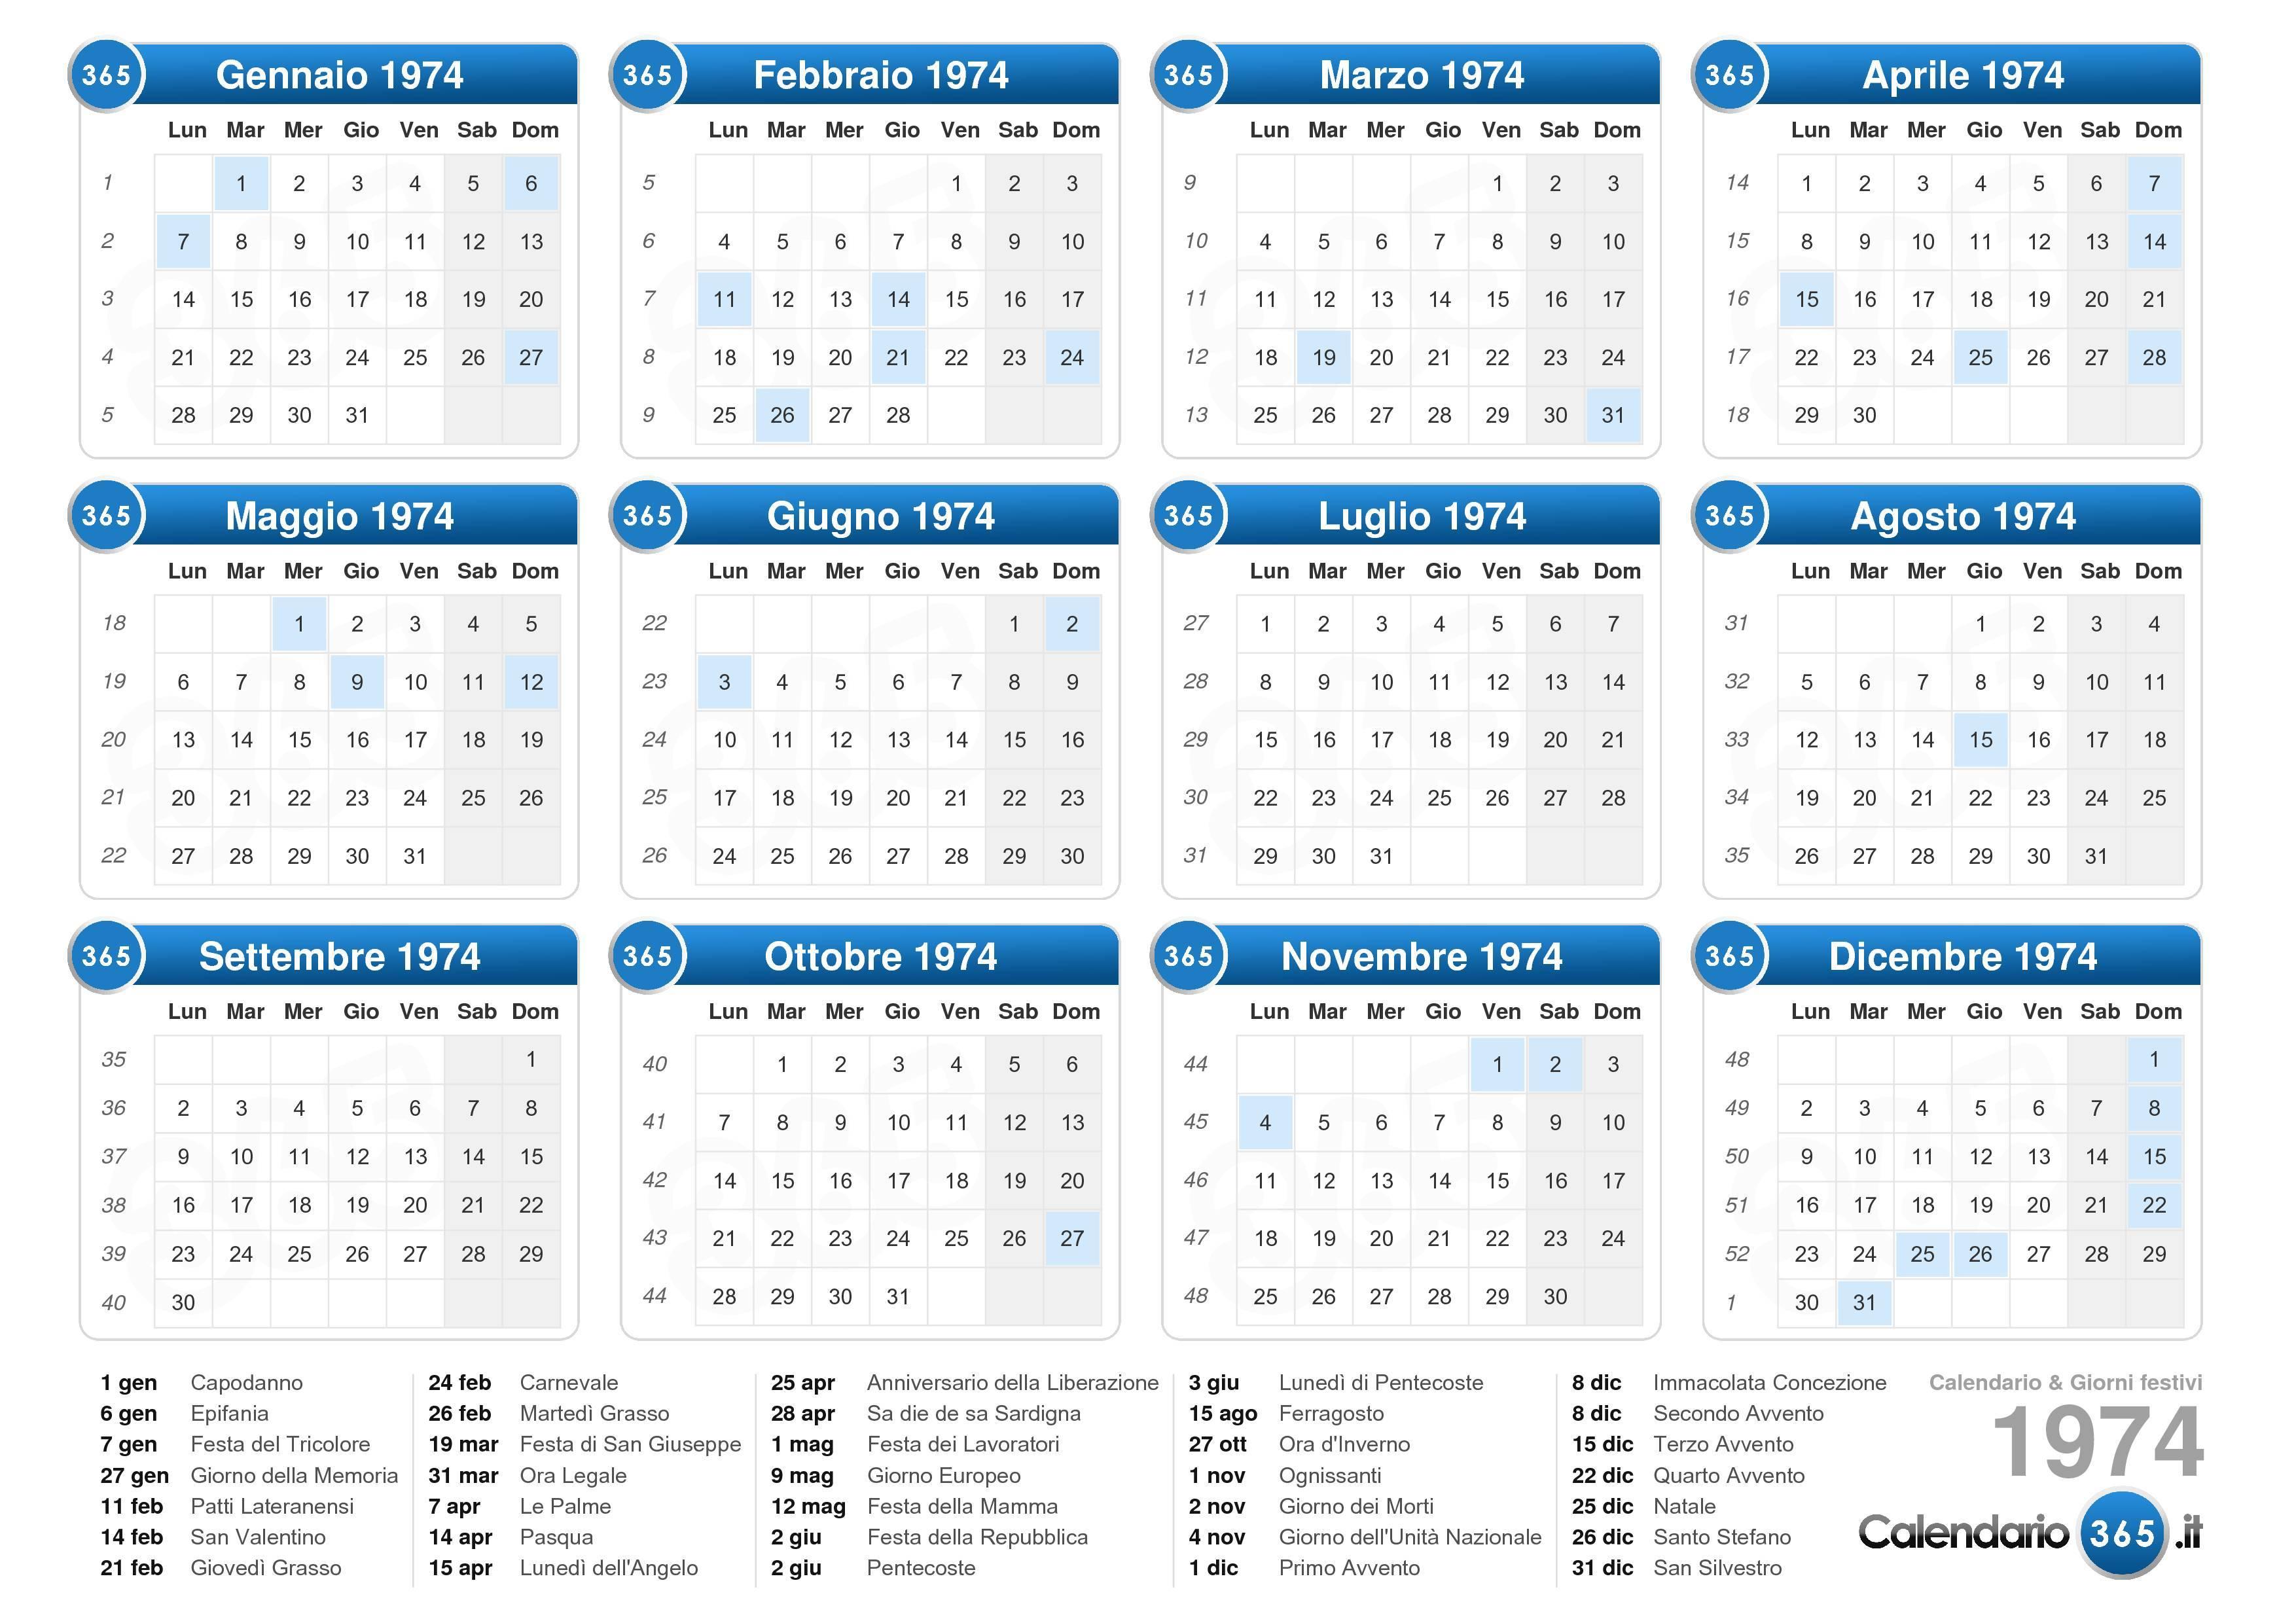 Calendario Anno 1974.Calendario 1974